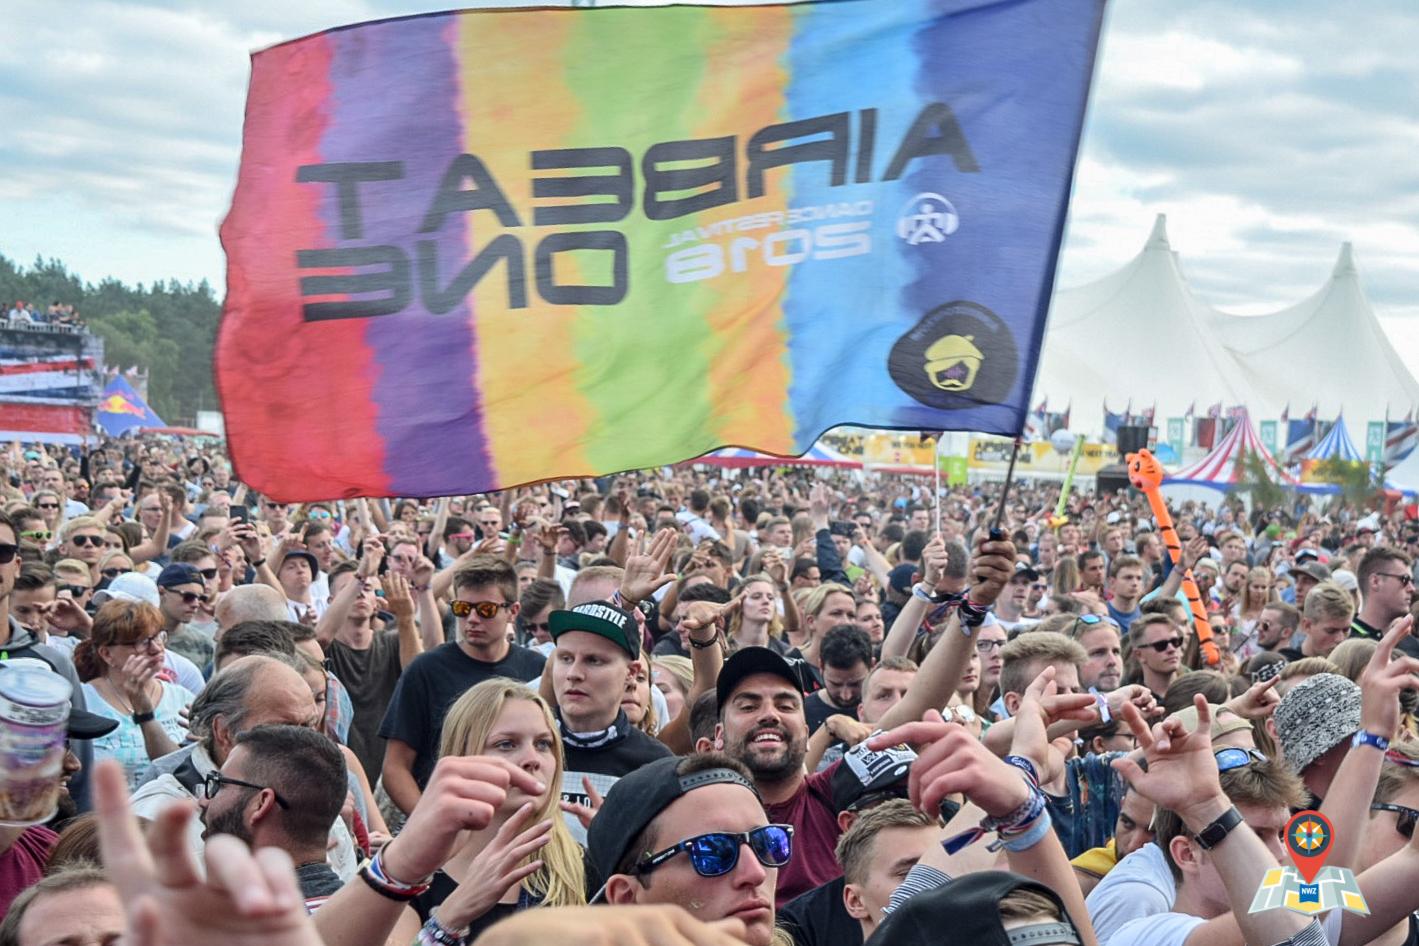 """Ein Besucher schwenkt vor der Mainstage eine Flagge mit der Aufschrift """"Airbeat One 2018"""". (Bild: Chelsy Haß)"""